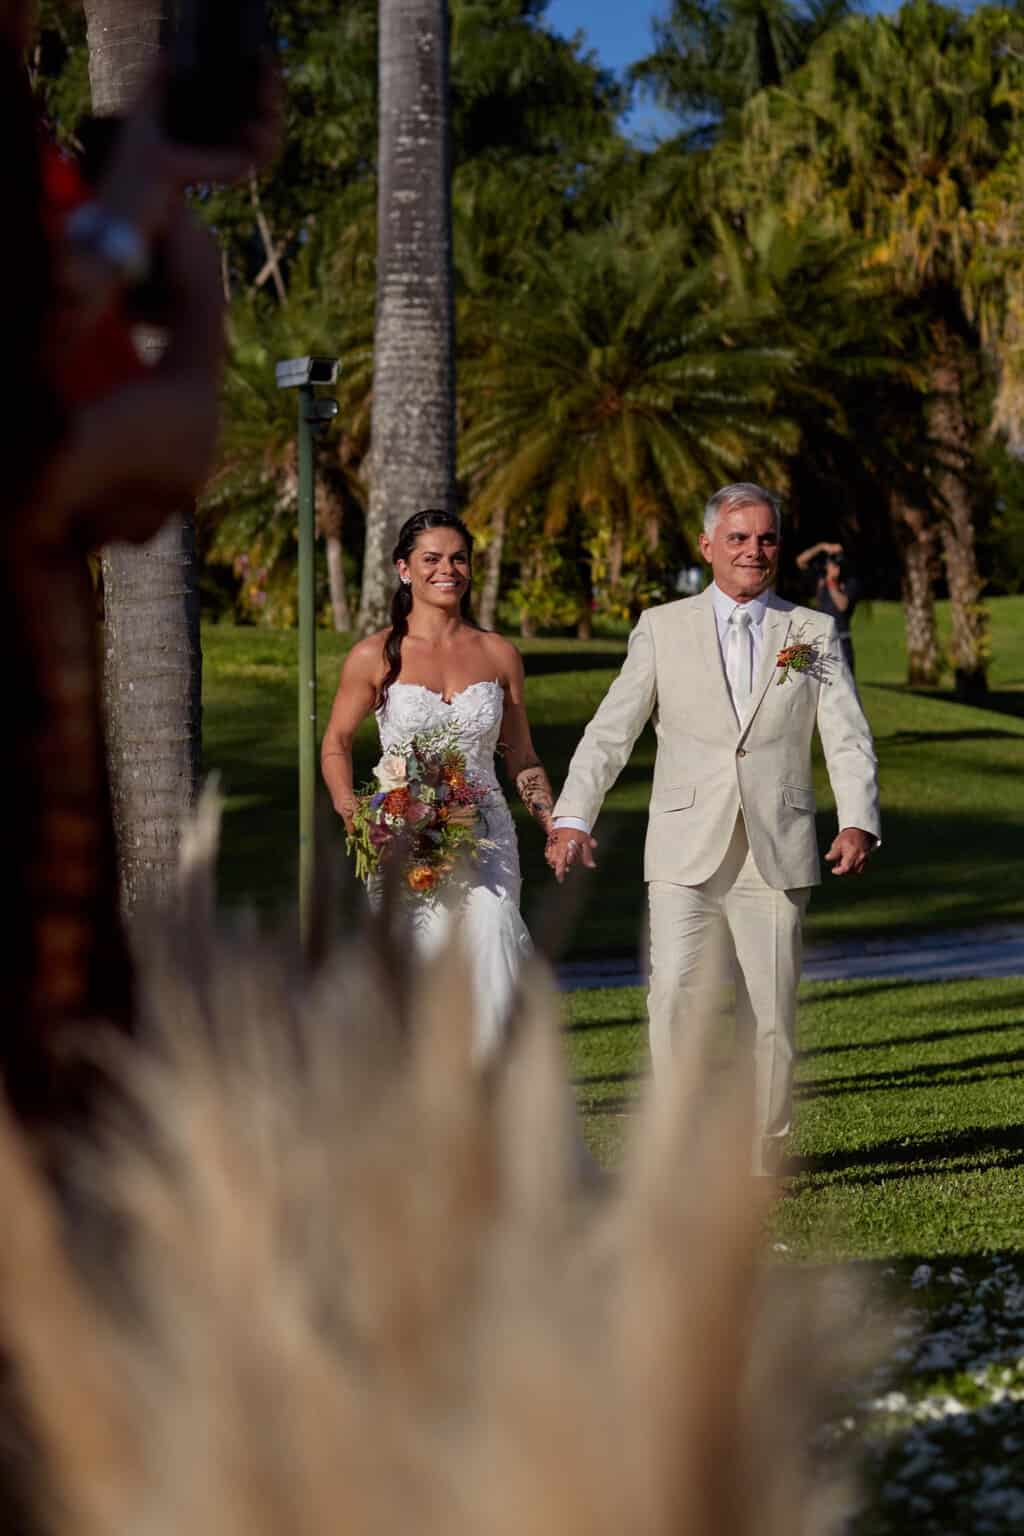 casamento-bruna-e-frederic-cerimonia-ao-ar-livre-cerimonial-camila-luz-decor-renata-paraiso-decoracao-boho52-1